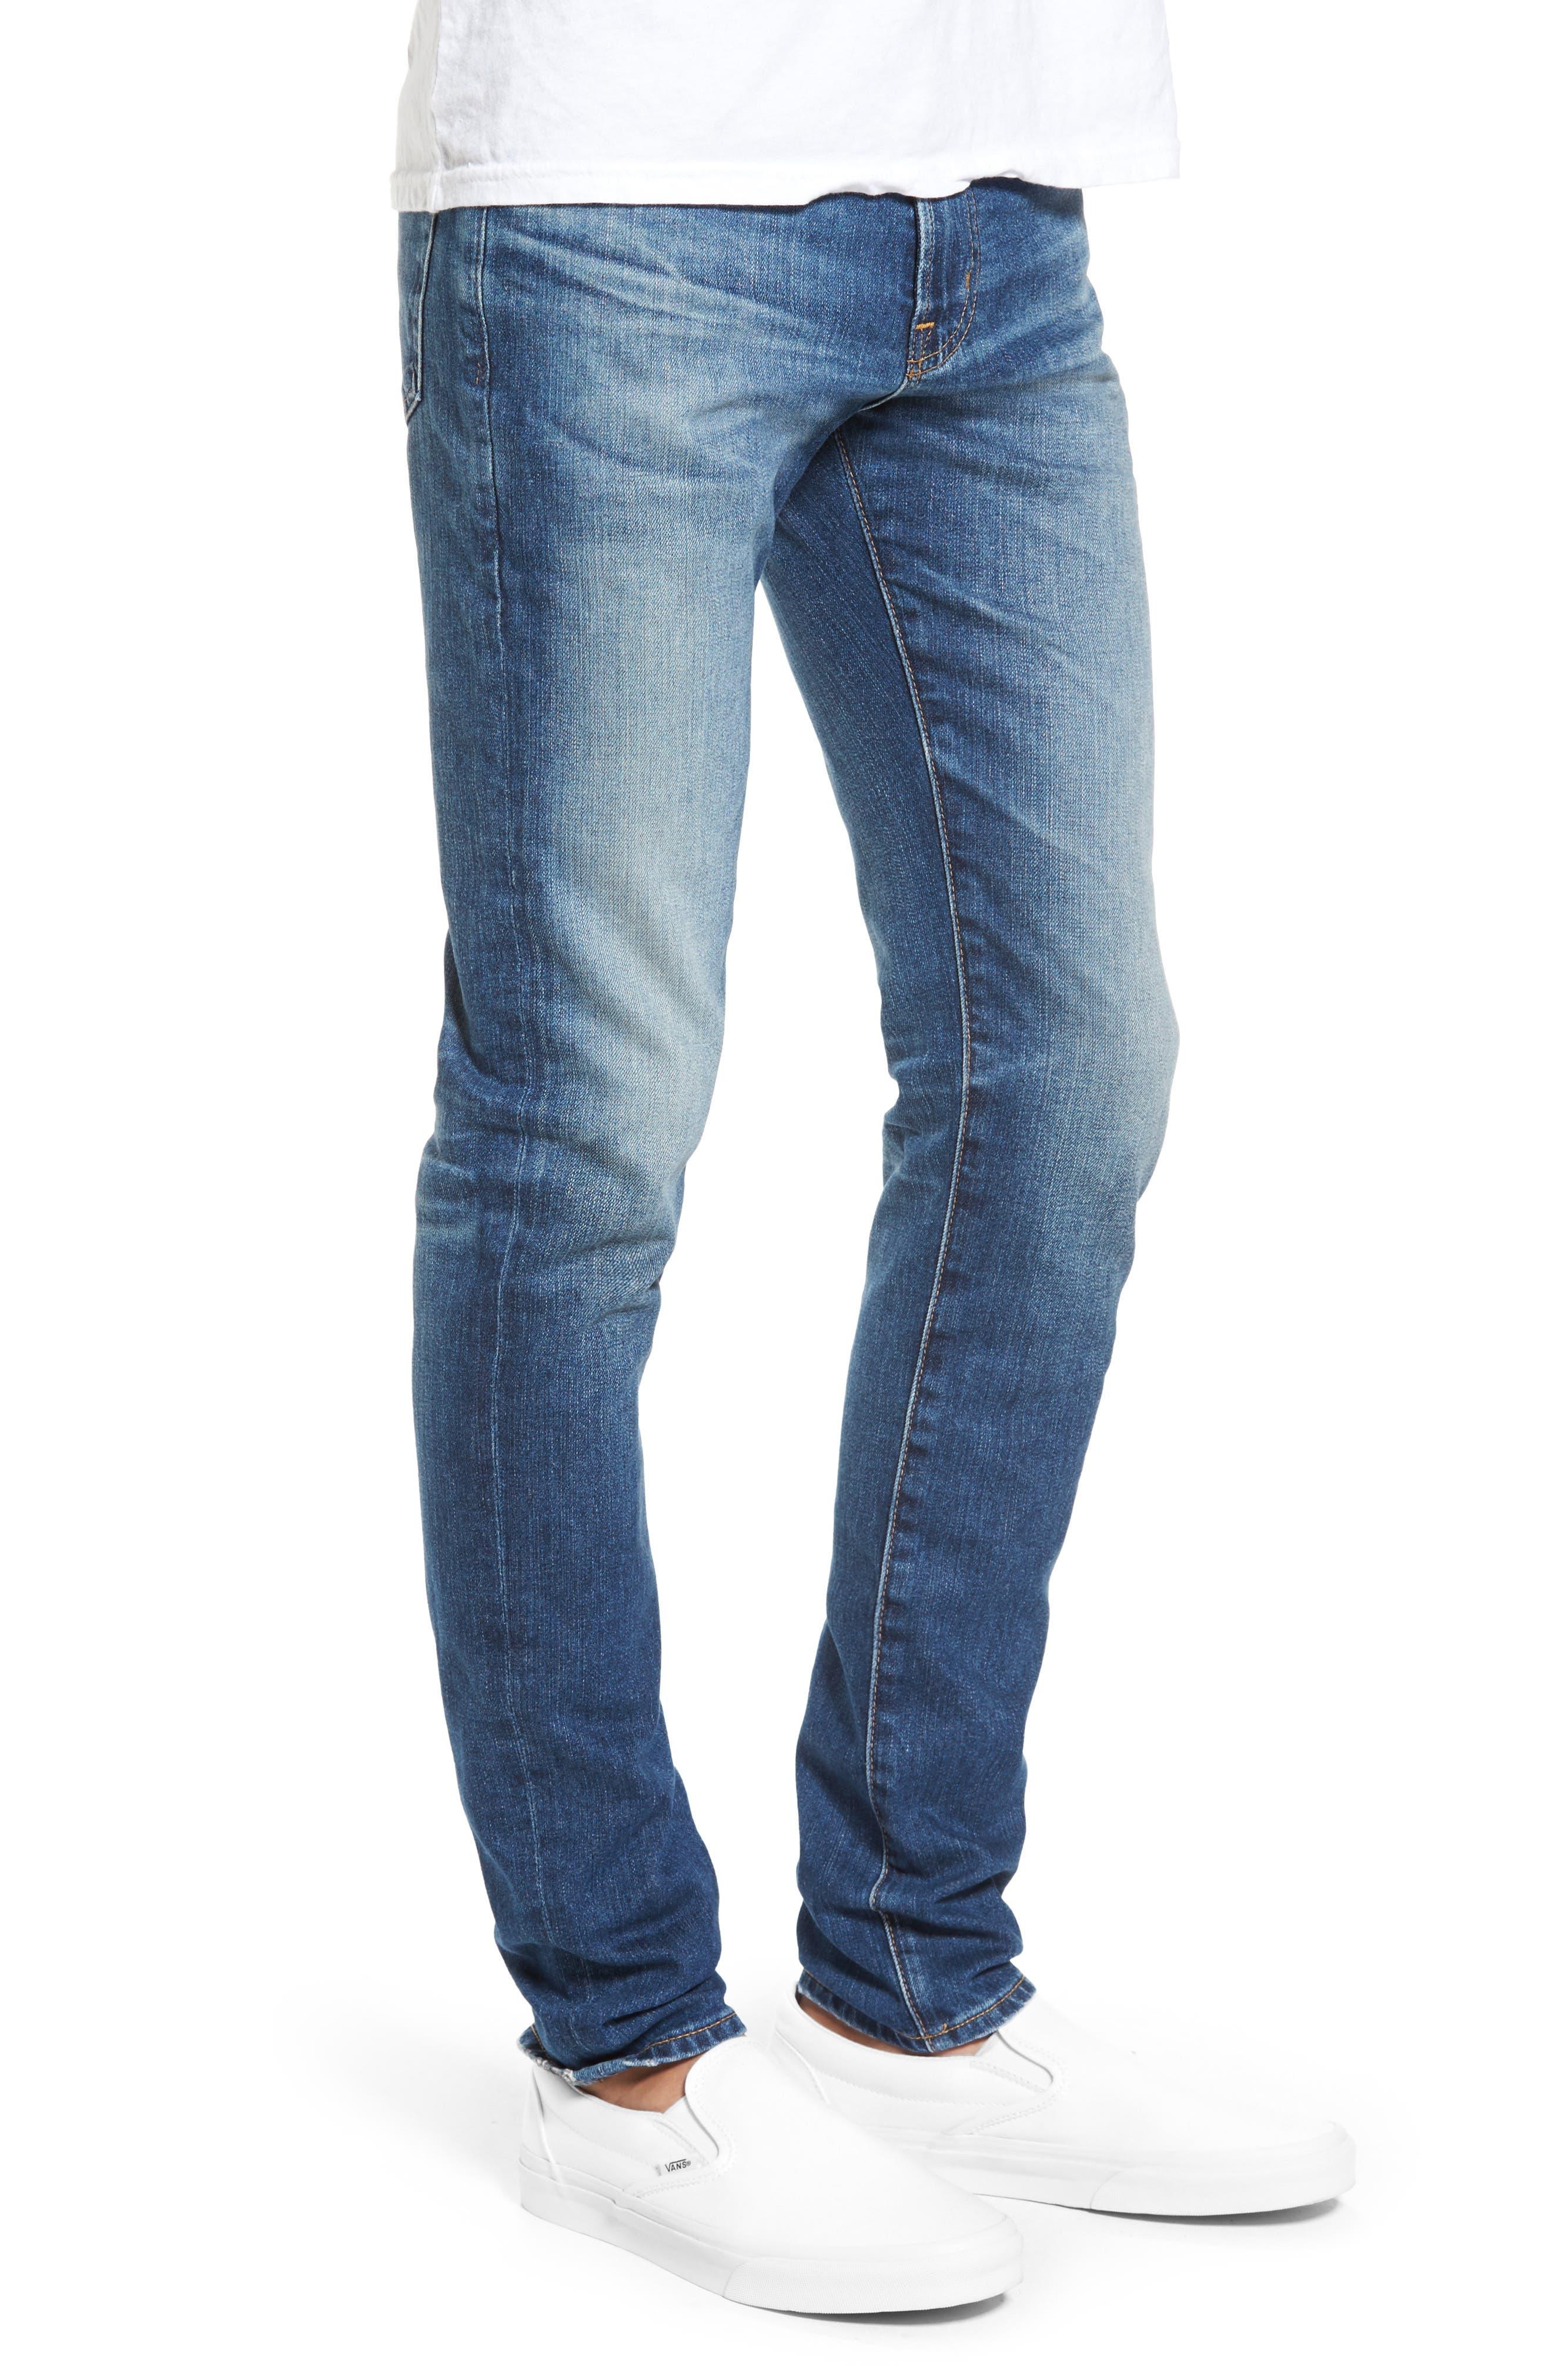 Jeans Stockton Skinny Fit Jeans,                             Alternate thumbnail 3, color,                             427